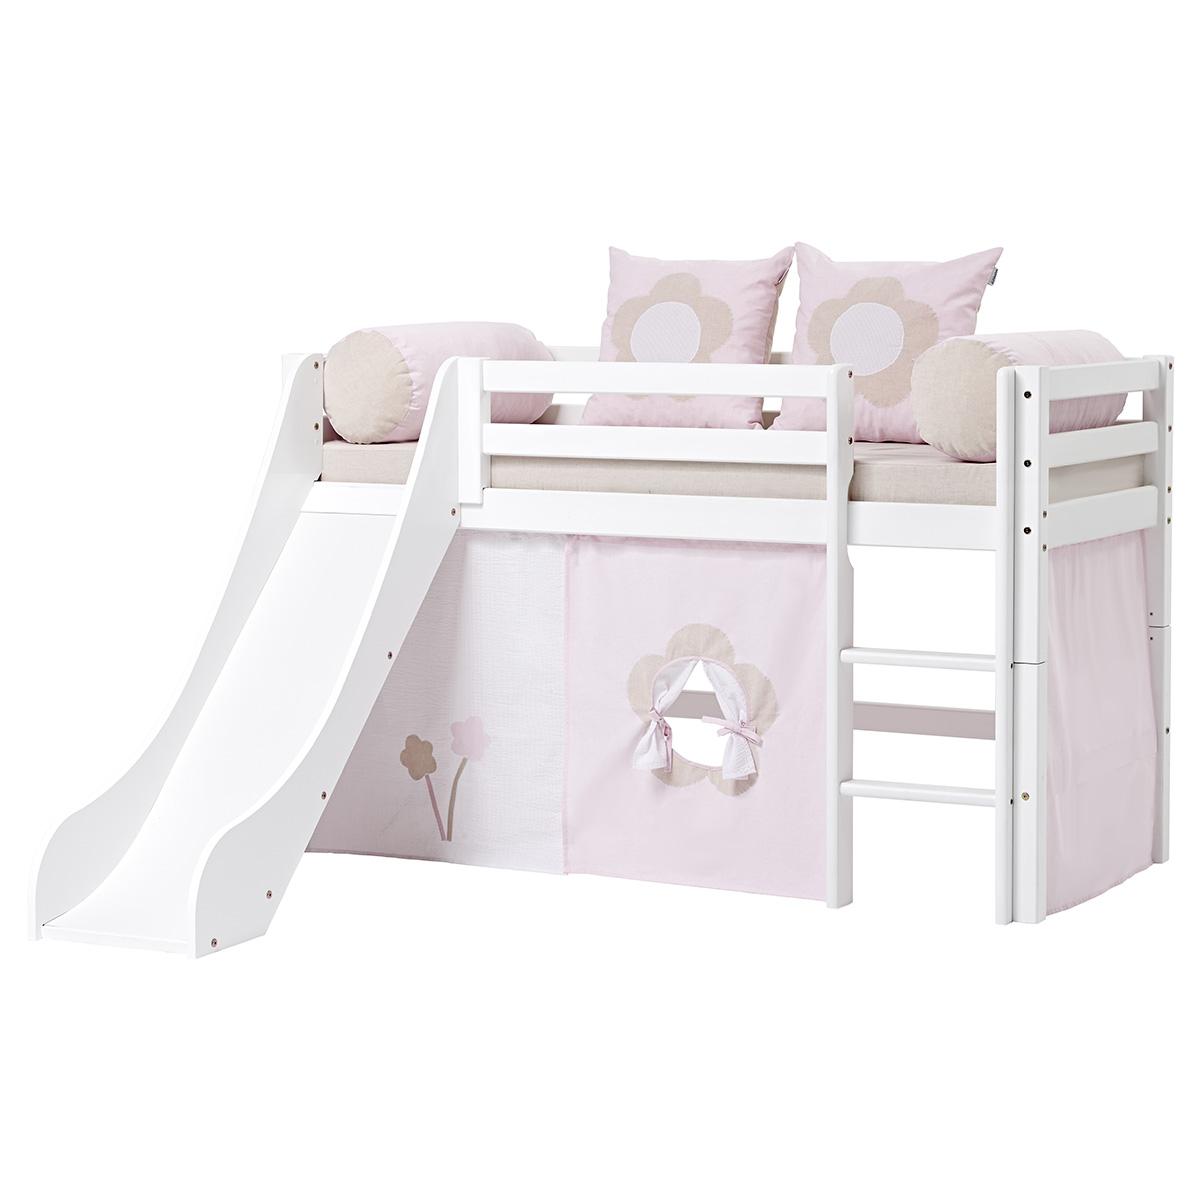 Hoppekids halvhøj seng med rutsjebane - Basic - Fairytale Flower